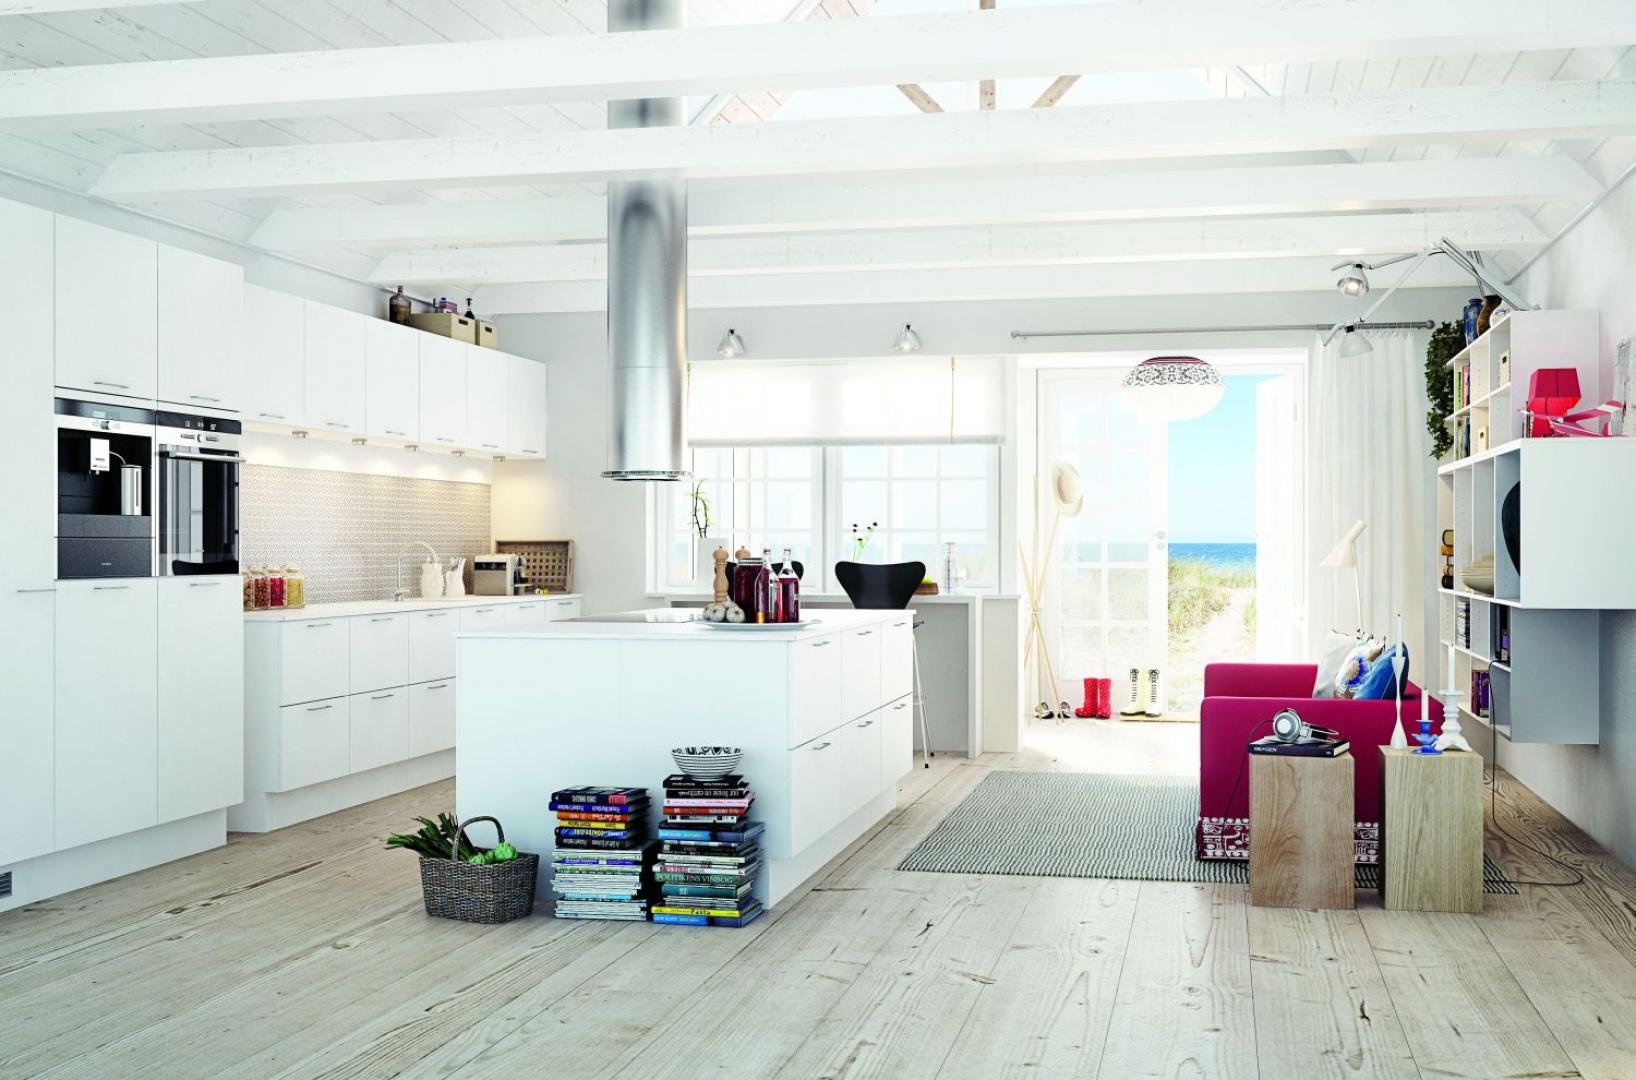 Rozświetlona naturalnym światłem kuchnia. Biała zabudowa kuchenna marki HTH utrzymana w całości w bieli jest ocieplona wizualnie przez podłogę w jasnym kolorze drewna. Aranżację dopełniają odsłonięte belki stropowe pomalowane na biało. Fot. HTH.